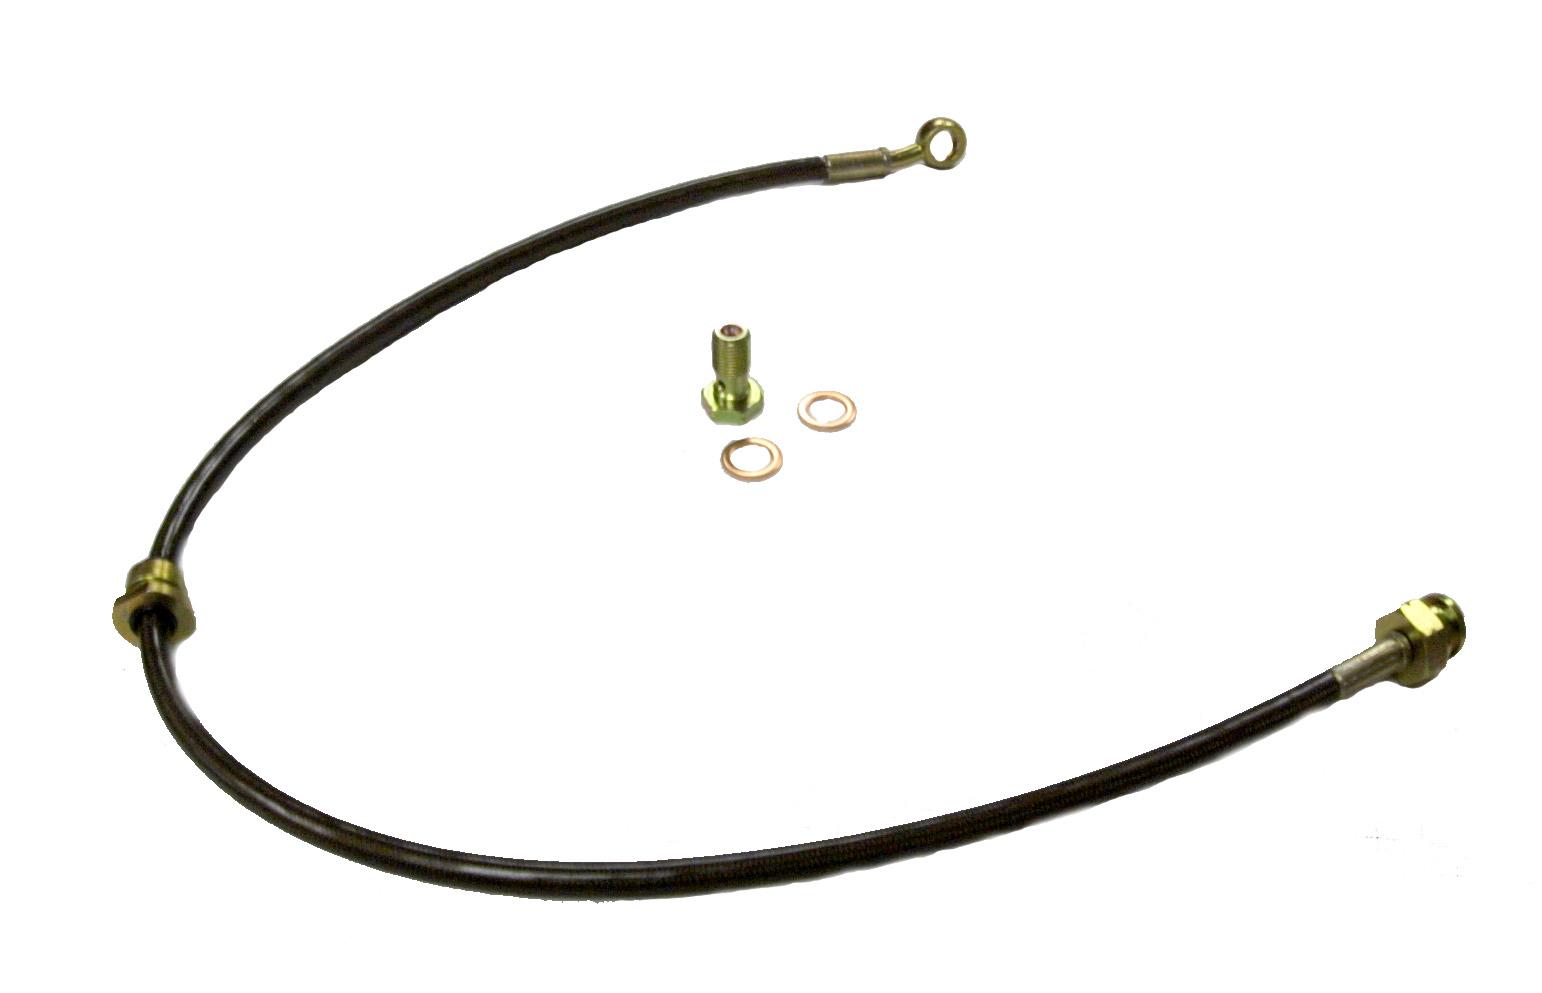 Agency Power Steel Braided Clutch Line Mazda RX-8 04-11